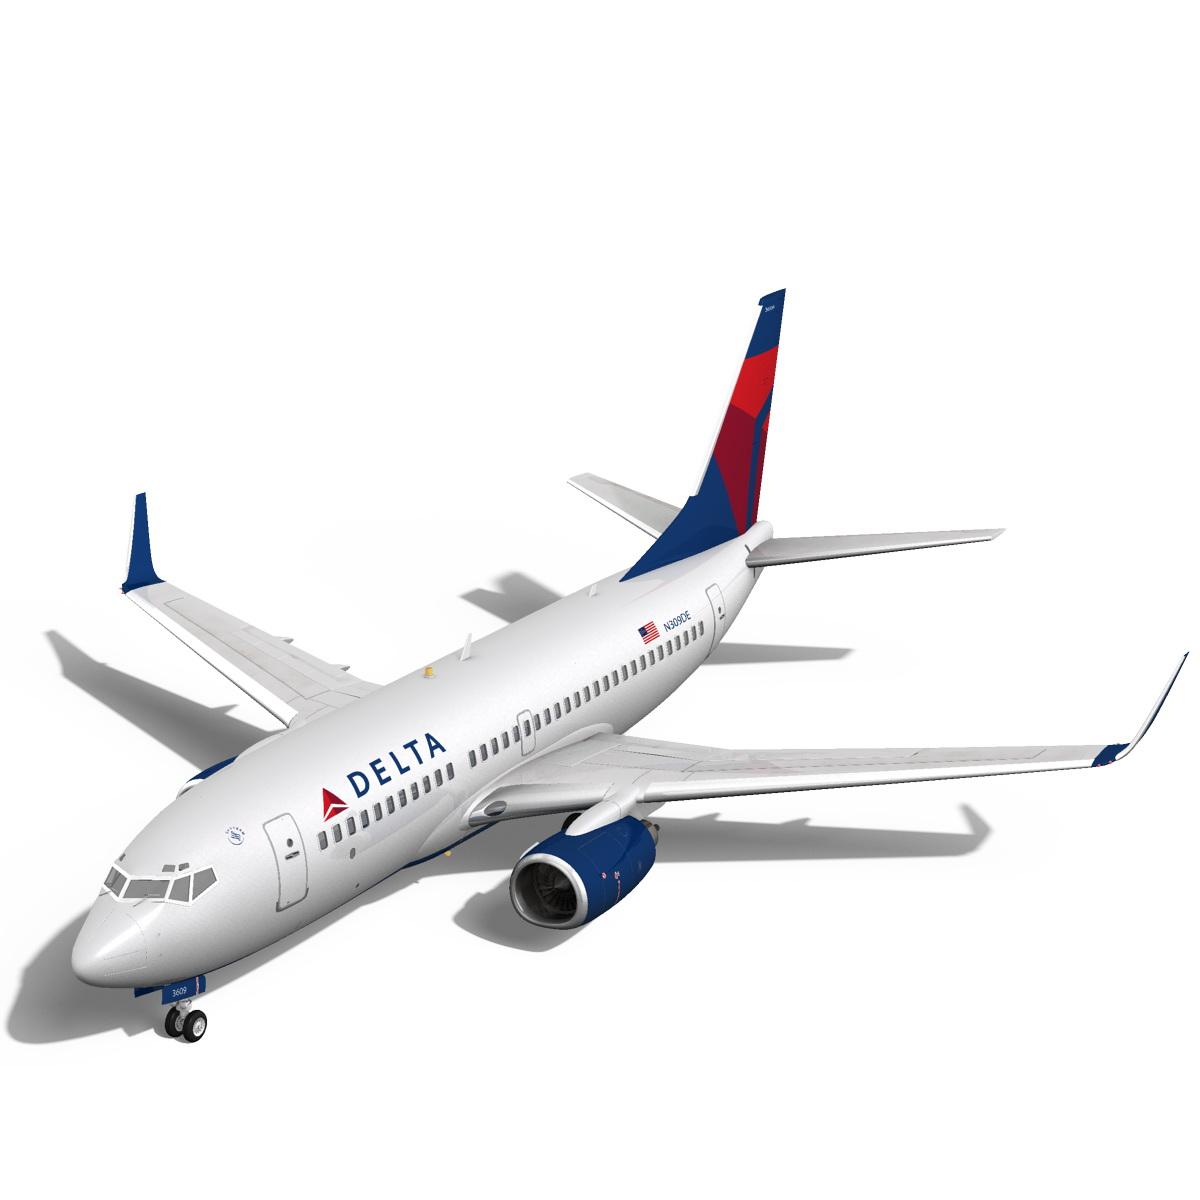 737-700w 3d загварыг хөгжүүлэх дельтийн агаарын тээвэр max fbx c4d mn obj 120306